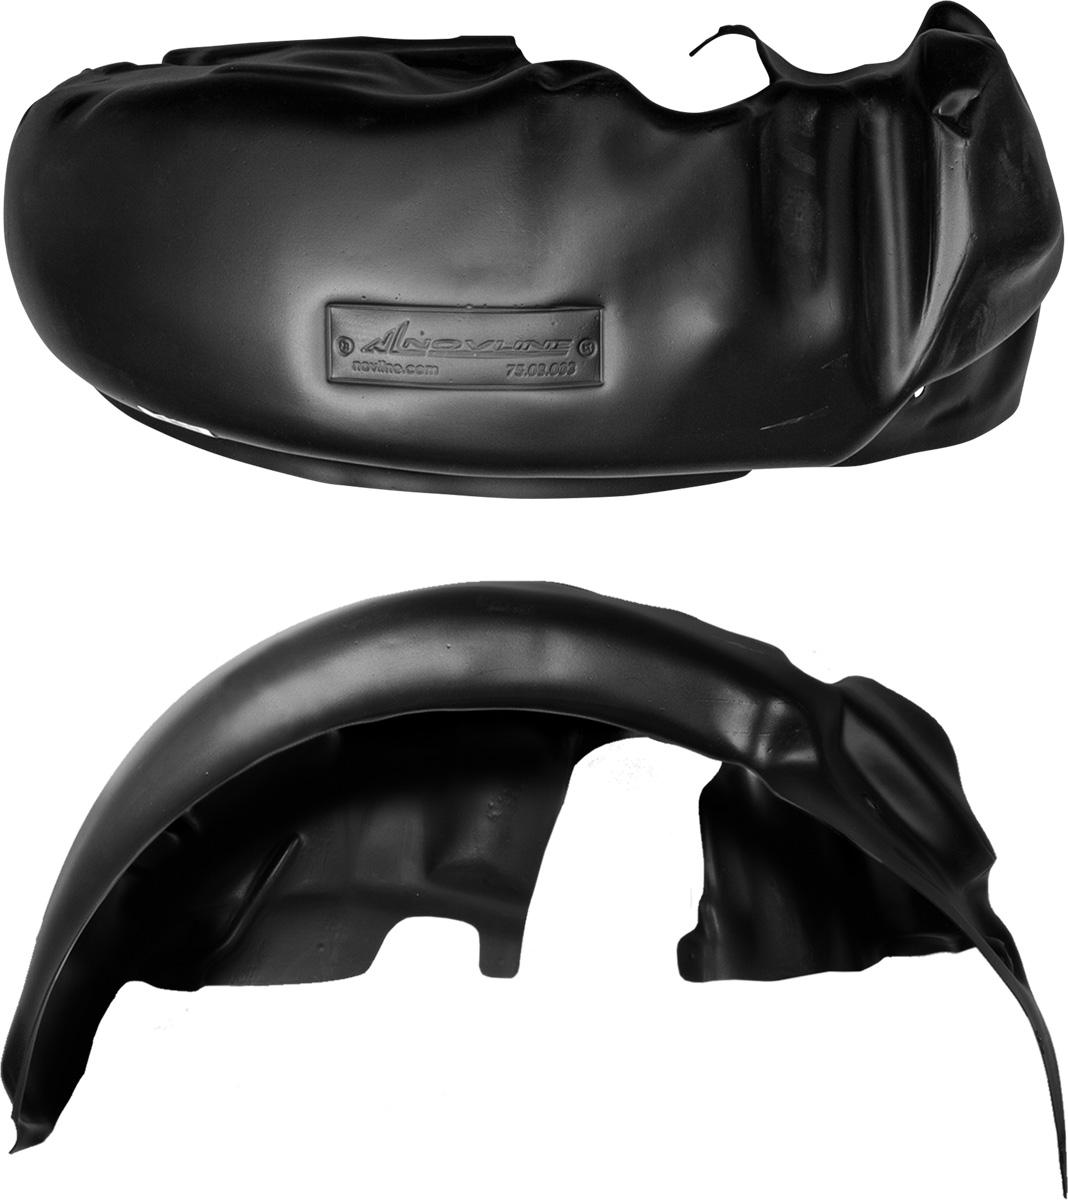 Подкрылок Novline-Autofamily, для Mitsubishi Outlander, 2012->, задний левыйNLL.35.26.003Колесные ниши - одни из самых уязвимых зон днища вашего автомобиля. Они постоянно подвергаются воздействию со стороны дороги. Лучшая, почти абсолютная защита для них - специально отформованные пластиковые кожухи, которые называются подкрылками. Производятся они как для отечественных моделей автомобилей, так и для иномарок. Подкрылки Novline-Autofamily выполнены из высококачественного, экологически чистого пластика. Обеспечивают надежную защиту кузова автомобиля от пескоструйного эффекта и негативного влияния, агрессивных антигололедных реагентов. Пластик обладает более низкой теплопроводностью, чем металл, поэтому в зимний период эксплуатации использование пластиковых подкрылков позволяет лучше защитить колесные ниши от налипания снега и образования наледи. Оригинальность конструкции подчеркивает элегантность автомобиля, бережно защищает нанесенное на днище кузова антикоррозийное покрытие и позволяет осуществить крепление подкрылков внутри колесной арки практически без...